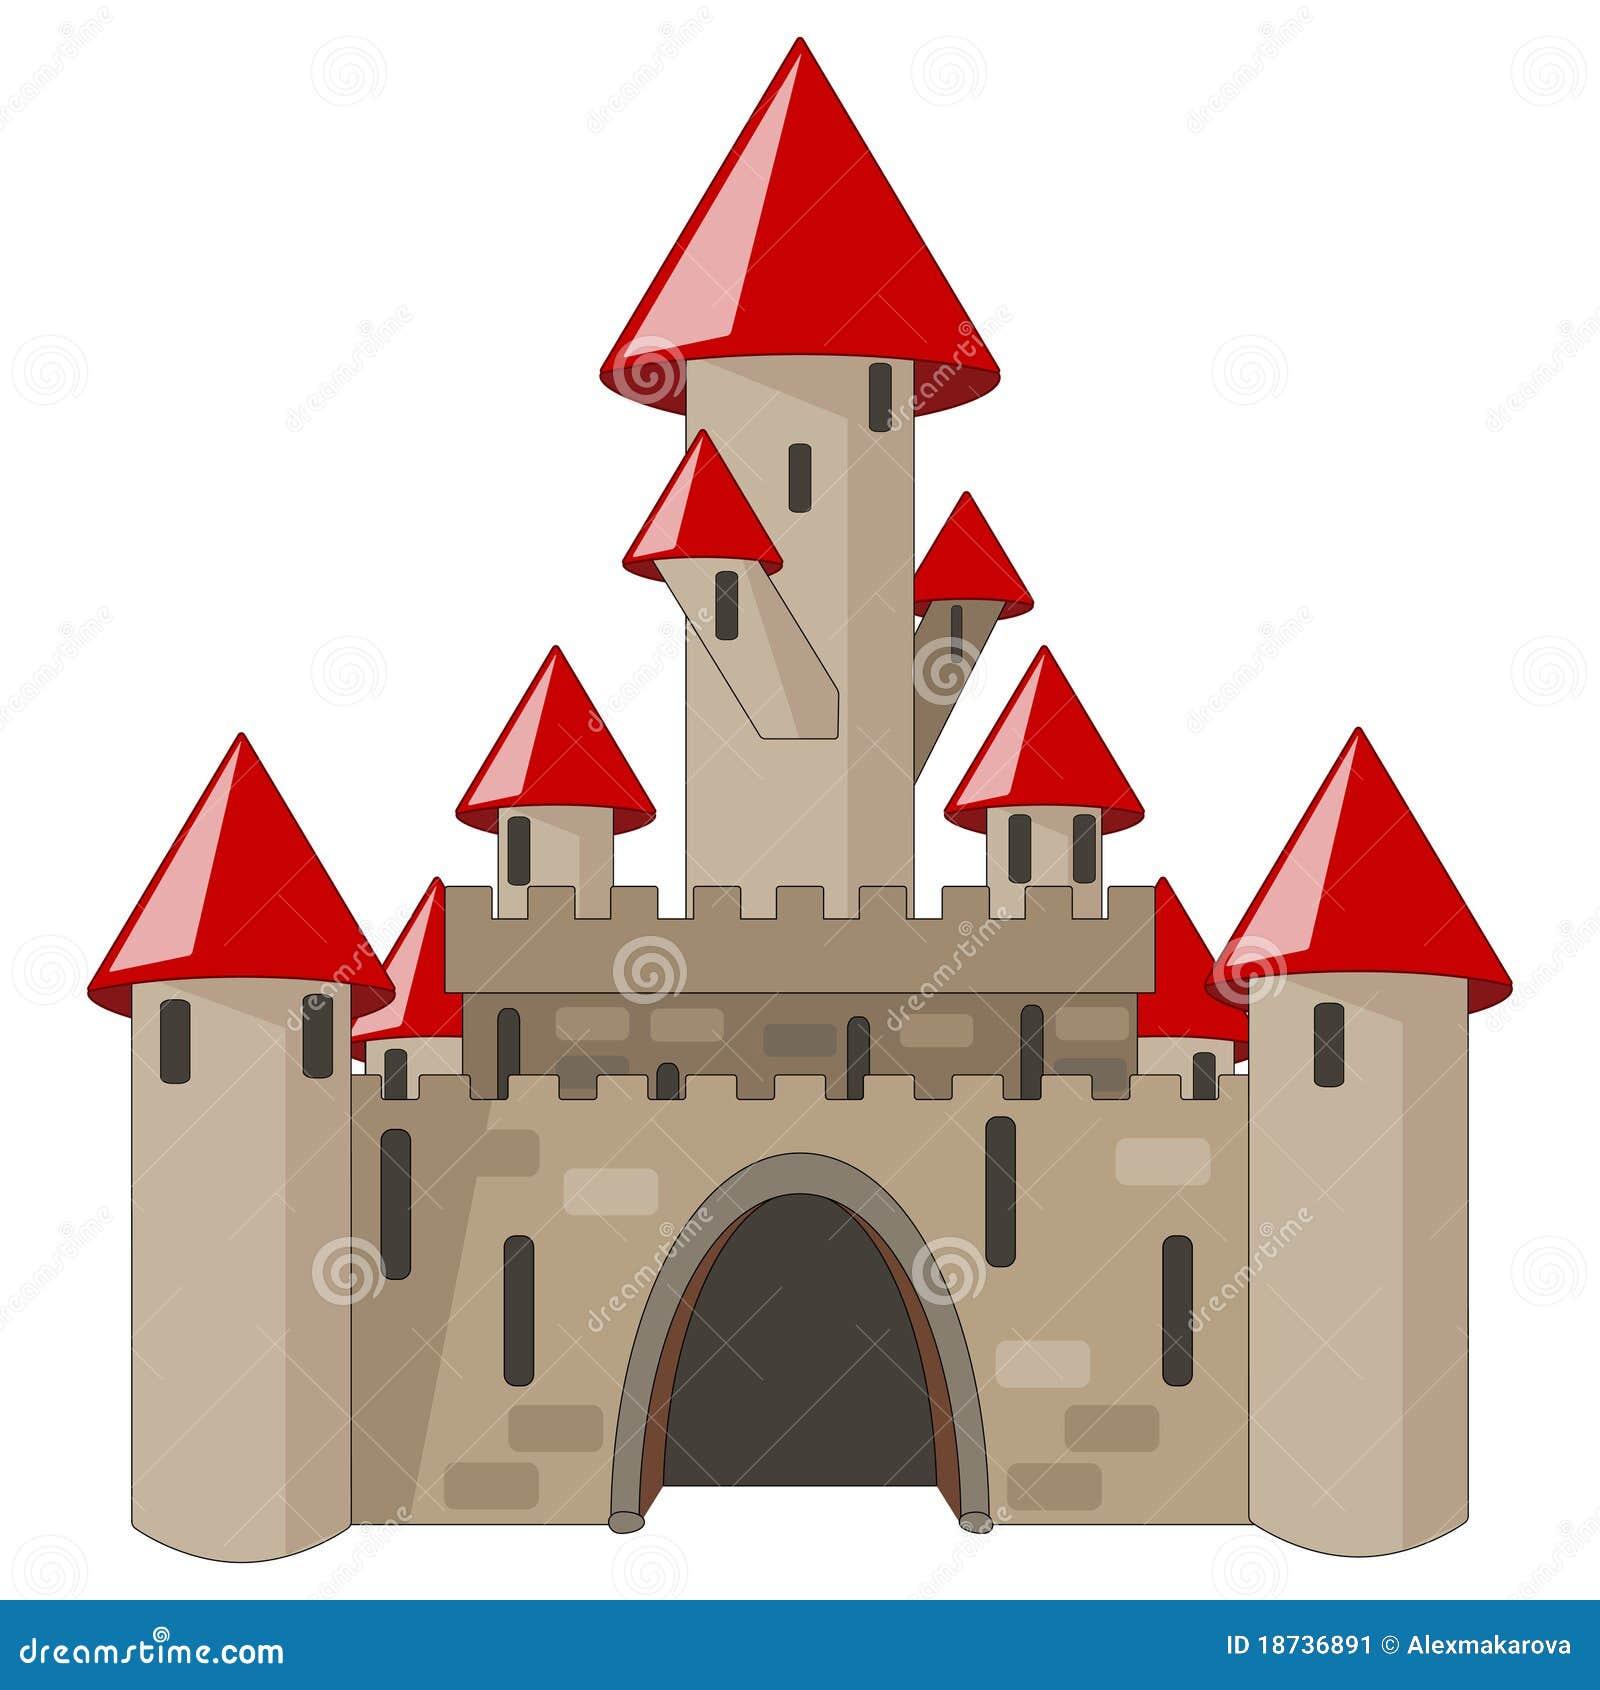 Ch teau de dessin anim d 39 isolement sur le blanc image - Dessin de chateau ...